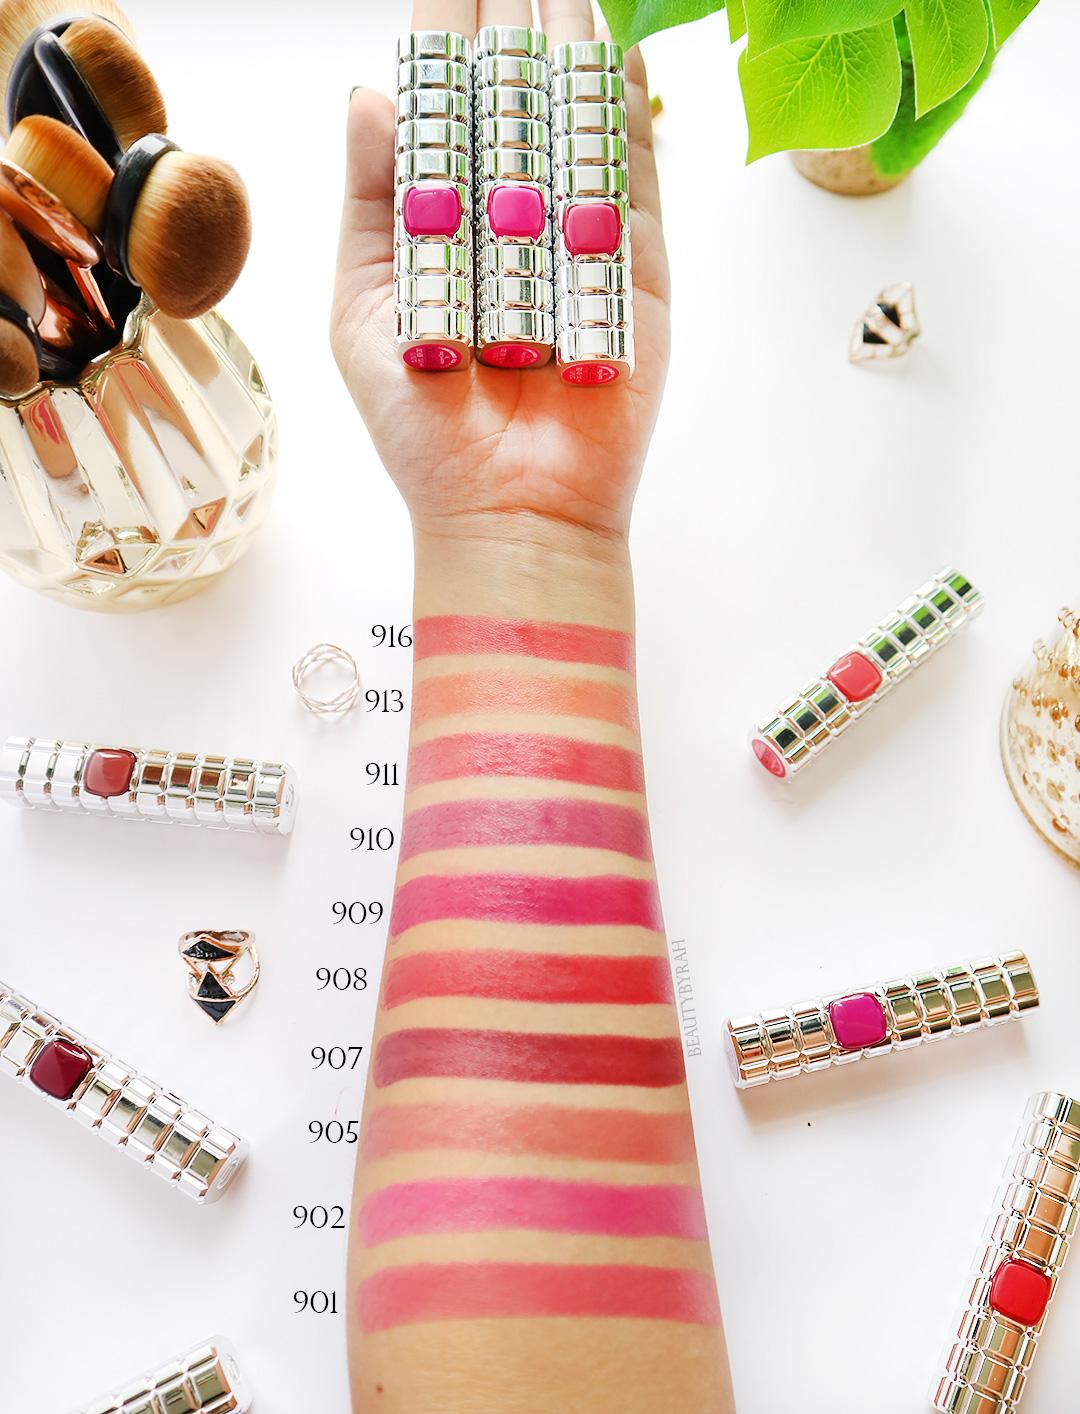 L'Oreal Color Riche Shine Lipsticks Swatches Singapore